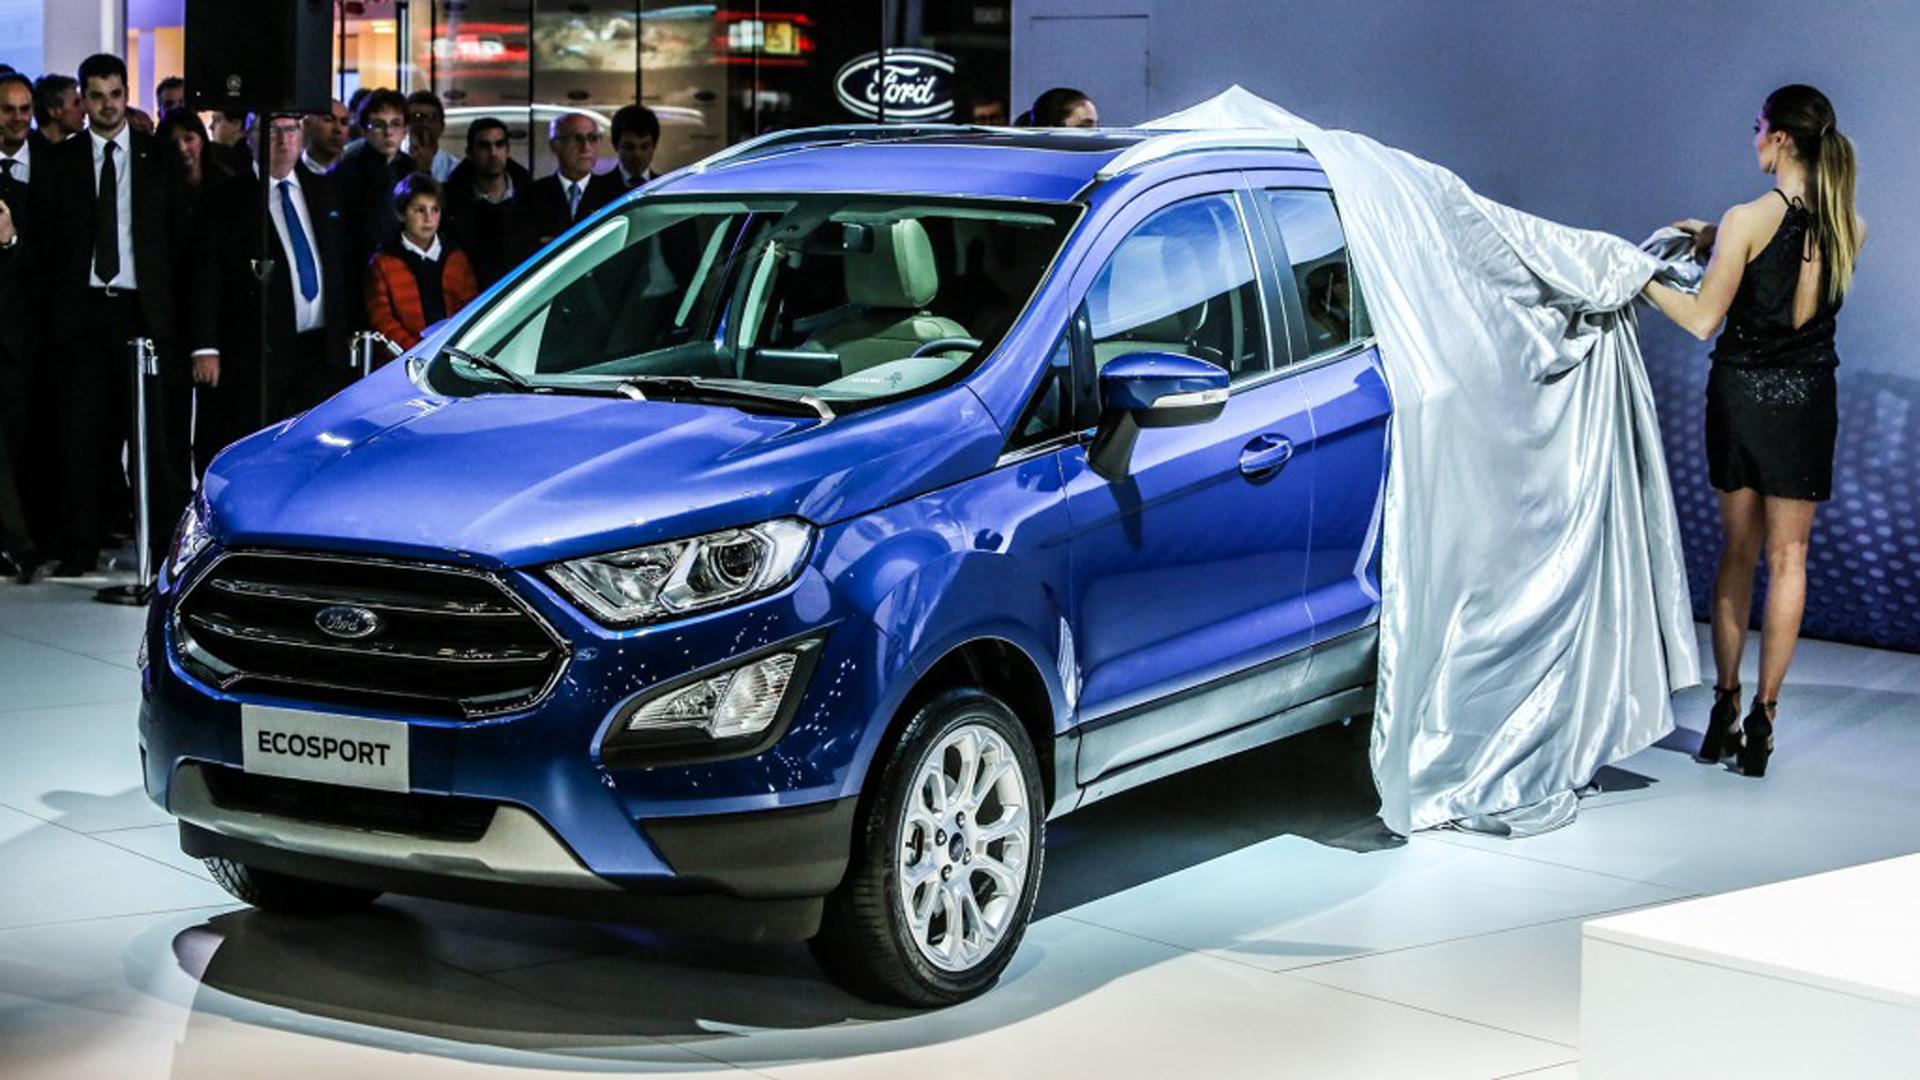 La EcoSport se actualiza para seguir liderando el segmento de los SUV compactos